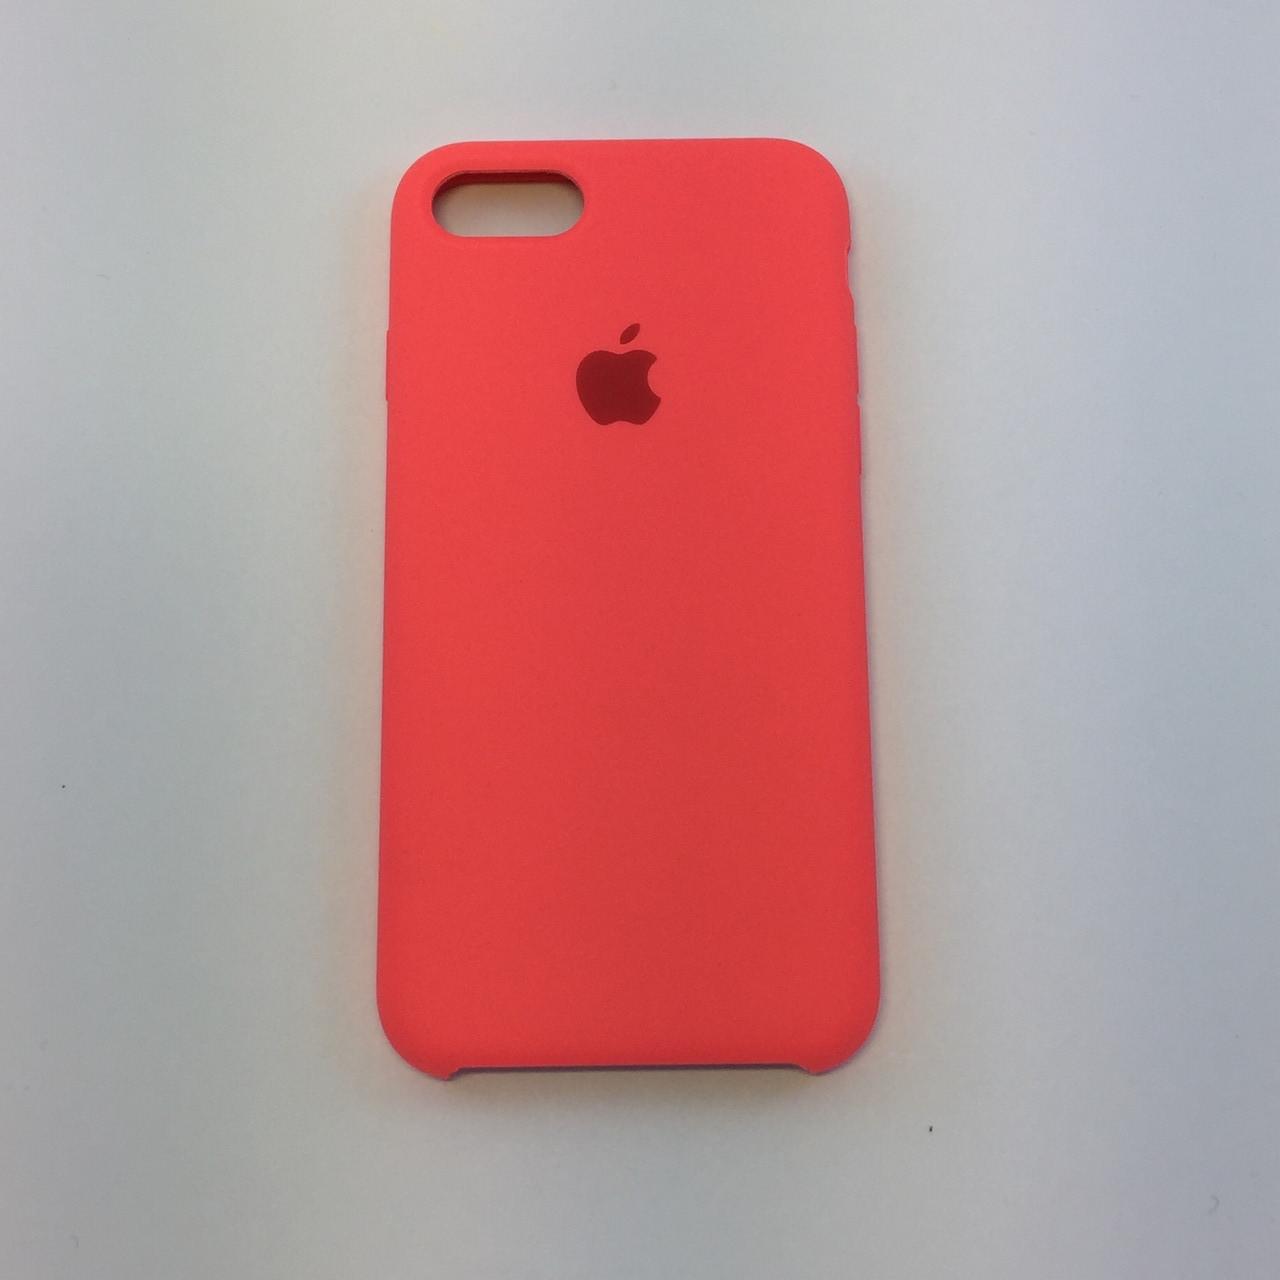 Силиконовый чехол iPhone 7 Plus / 8 Plus, кораловый, copy original